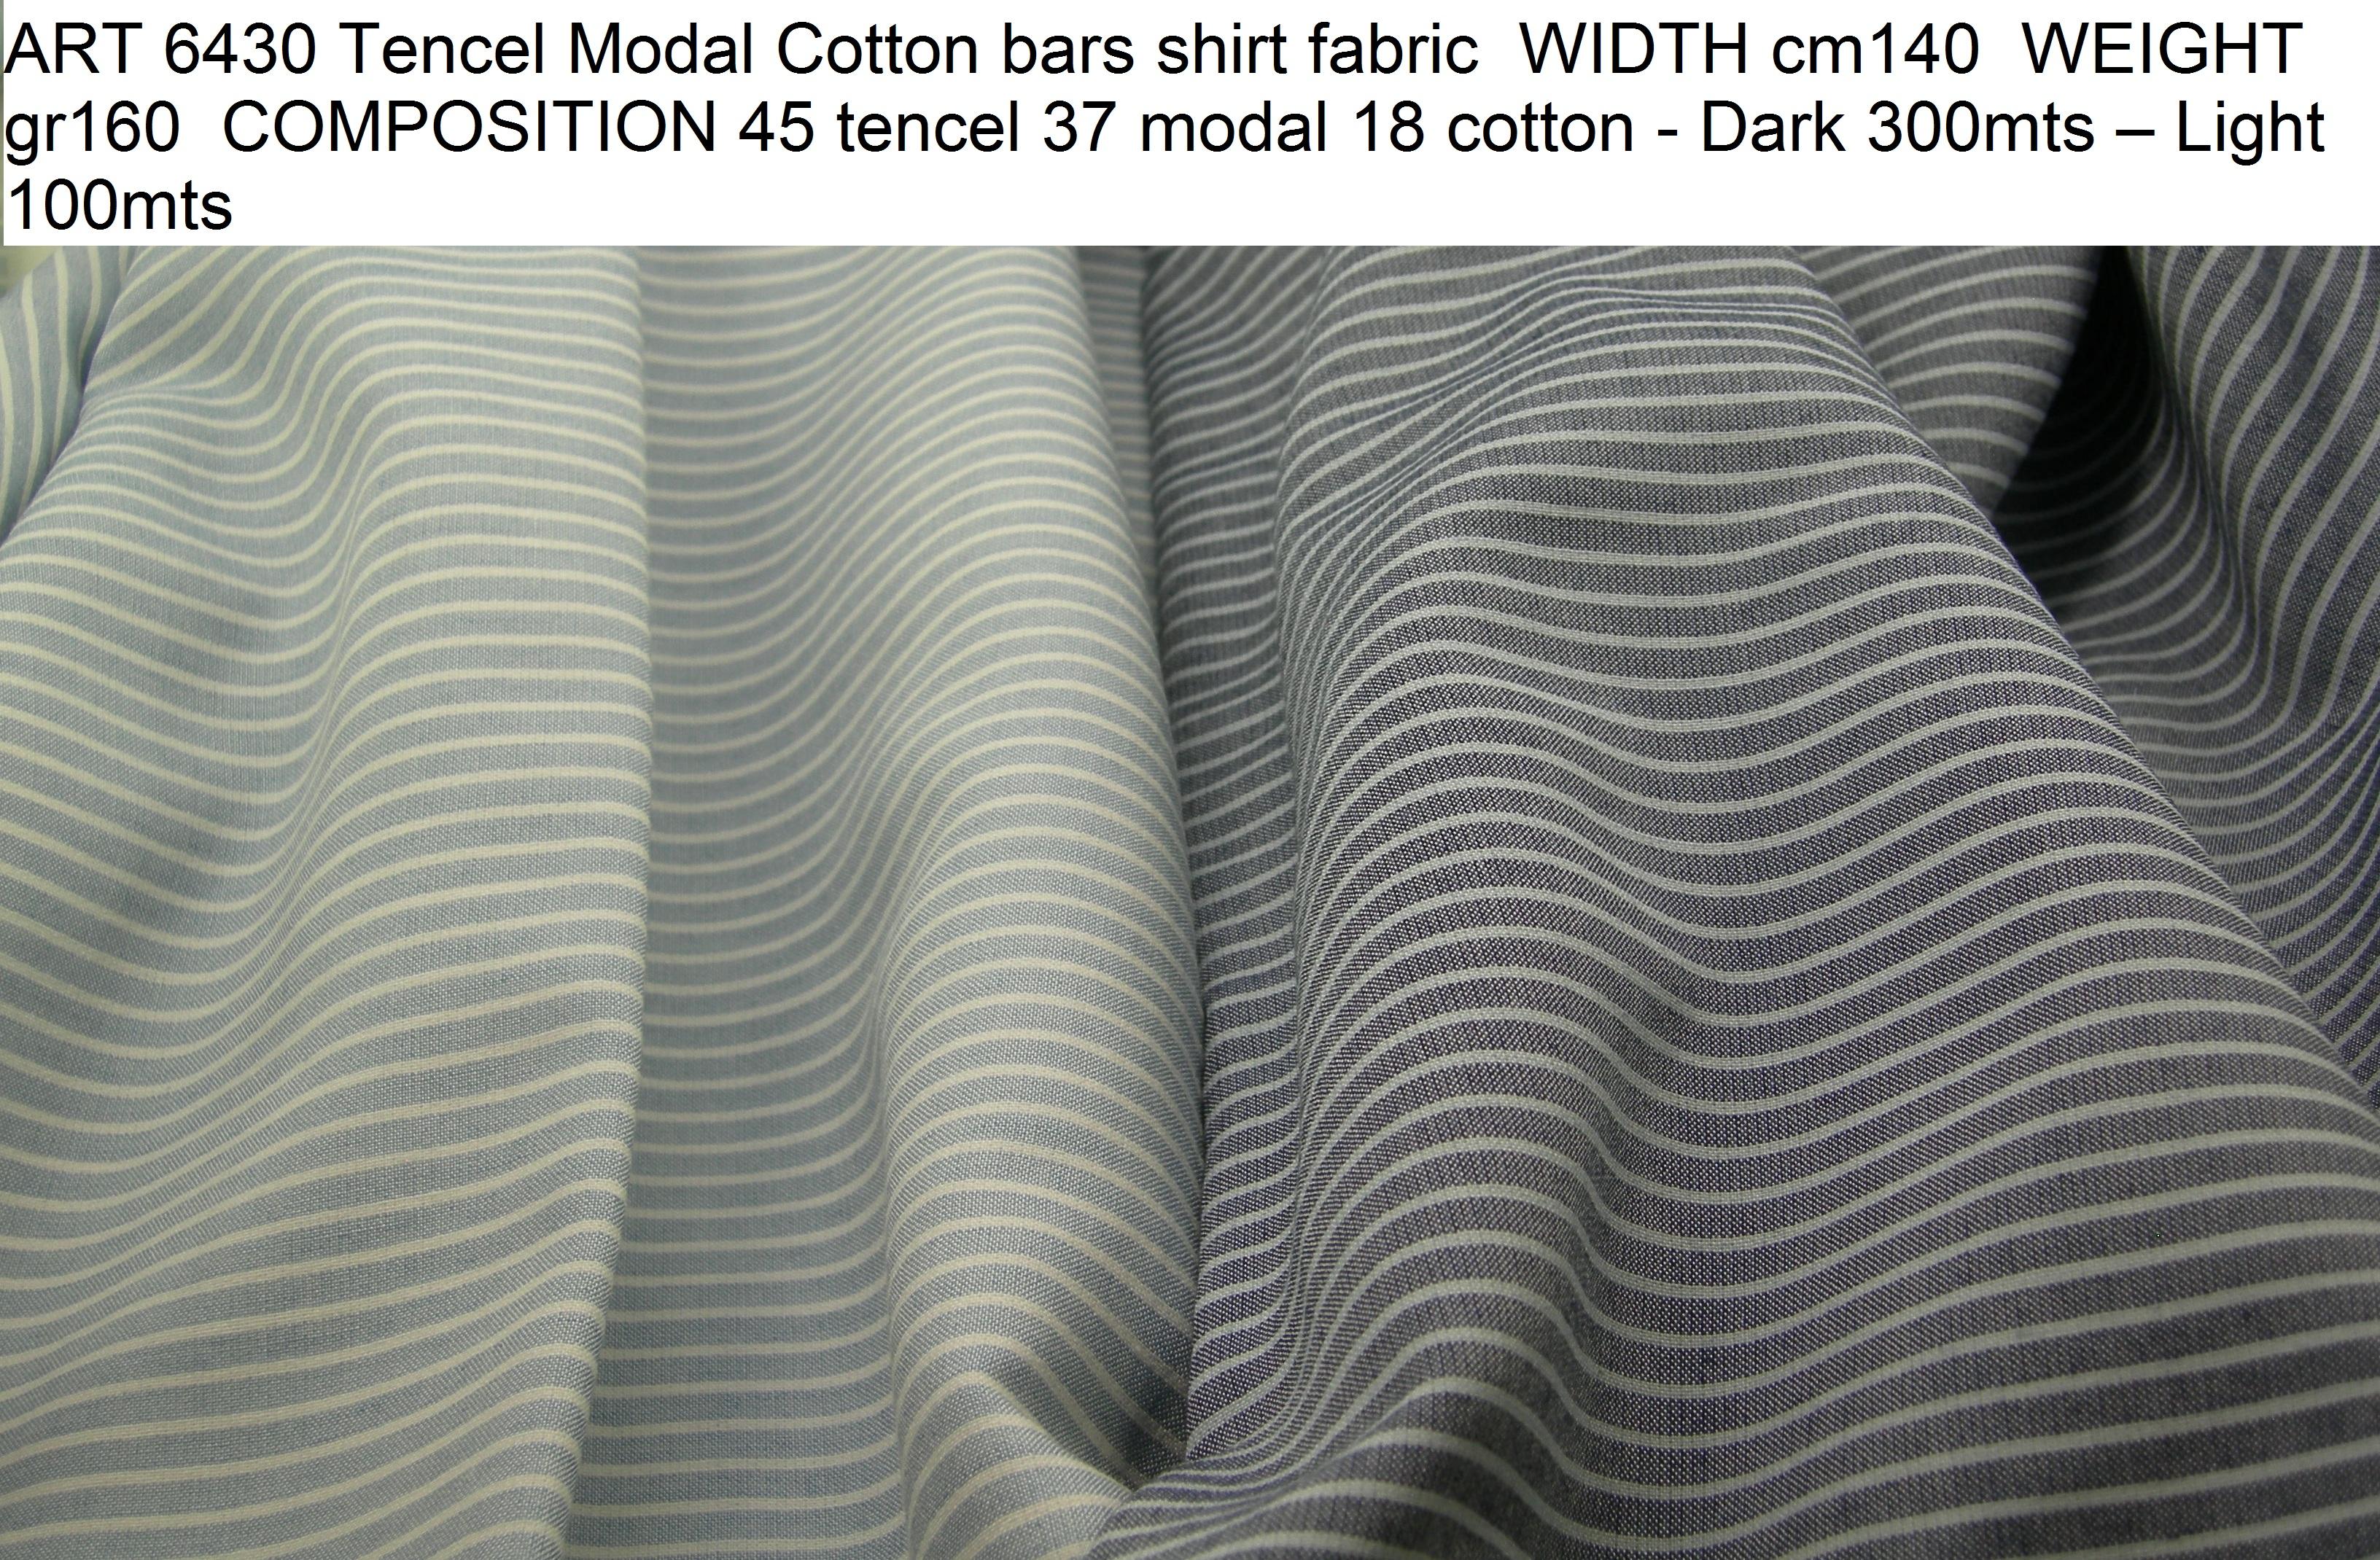 ART 6430 Tencel Modal Cotton bars shirt fabric WIDTH cm140 WEIGHT gr160 COMPOSITION 45 tencel 37 modal 18 cotton - Dark 300mts – Light 100mts